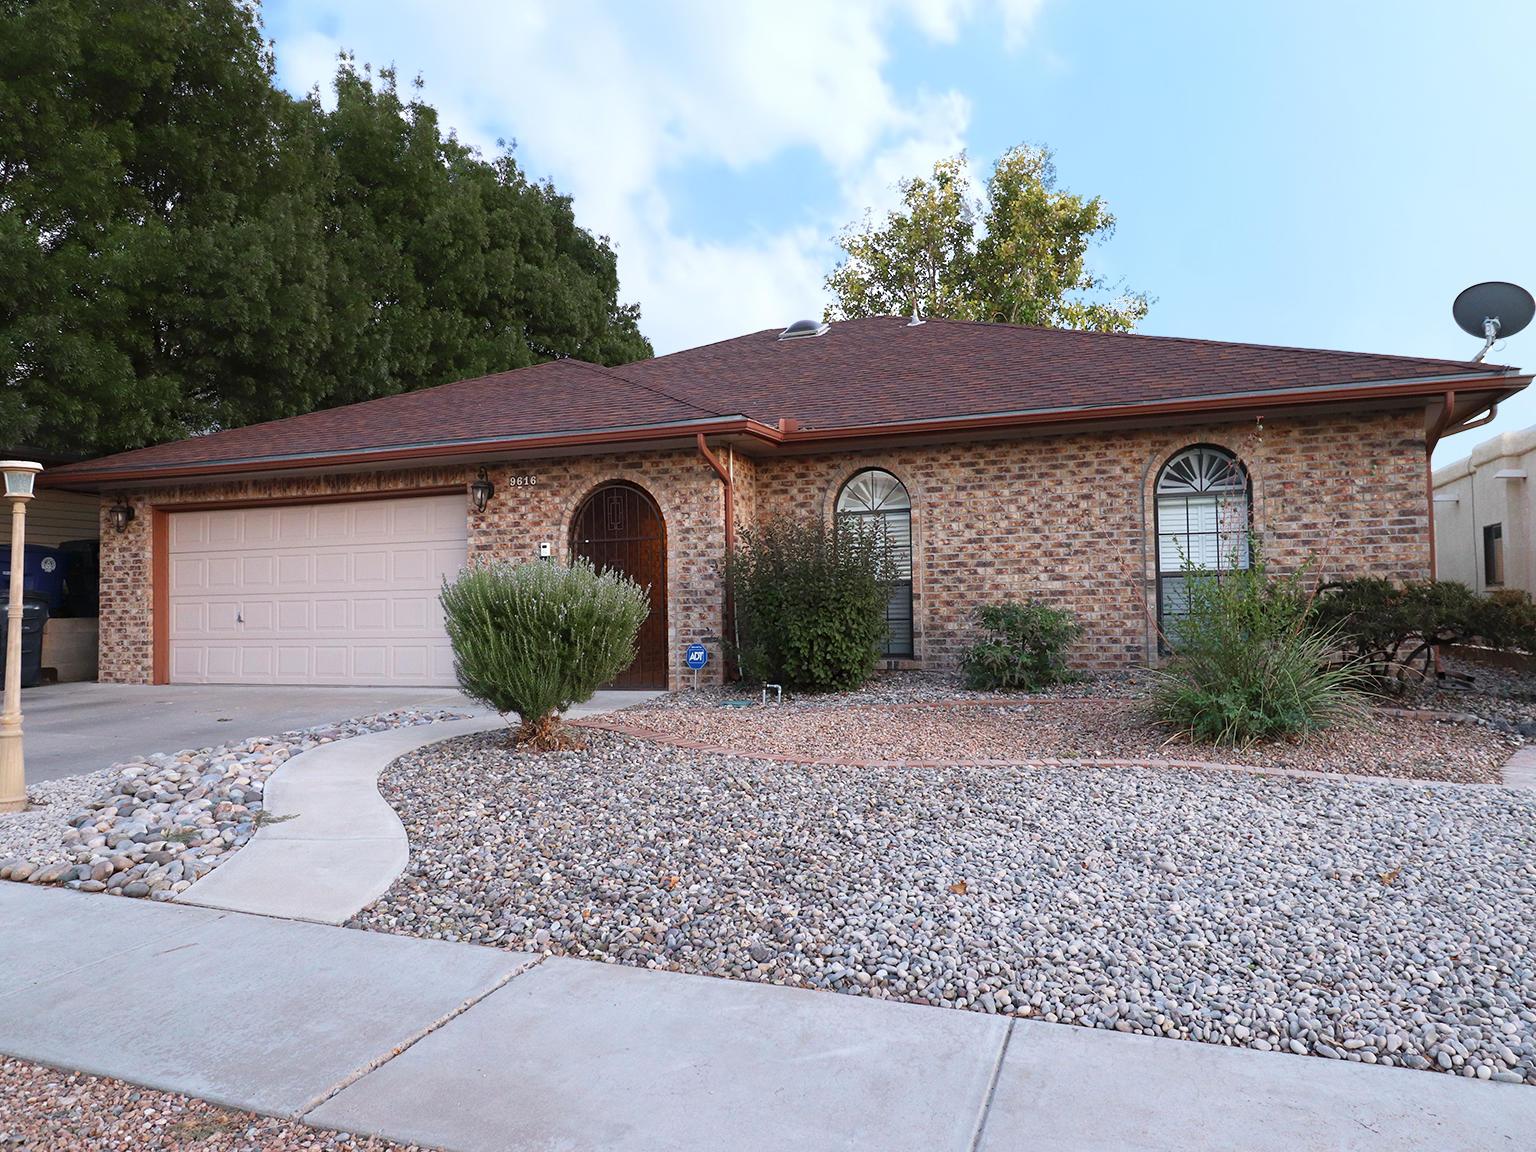 9616 Peralta Road, Albuquerque NM 87109